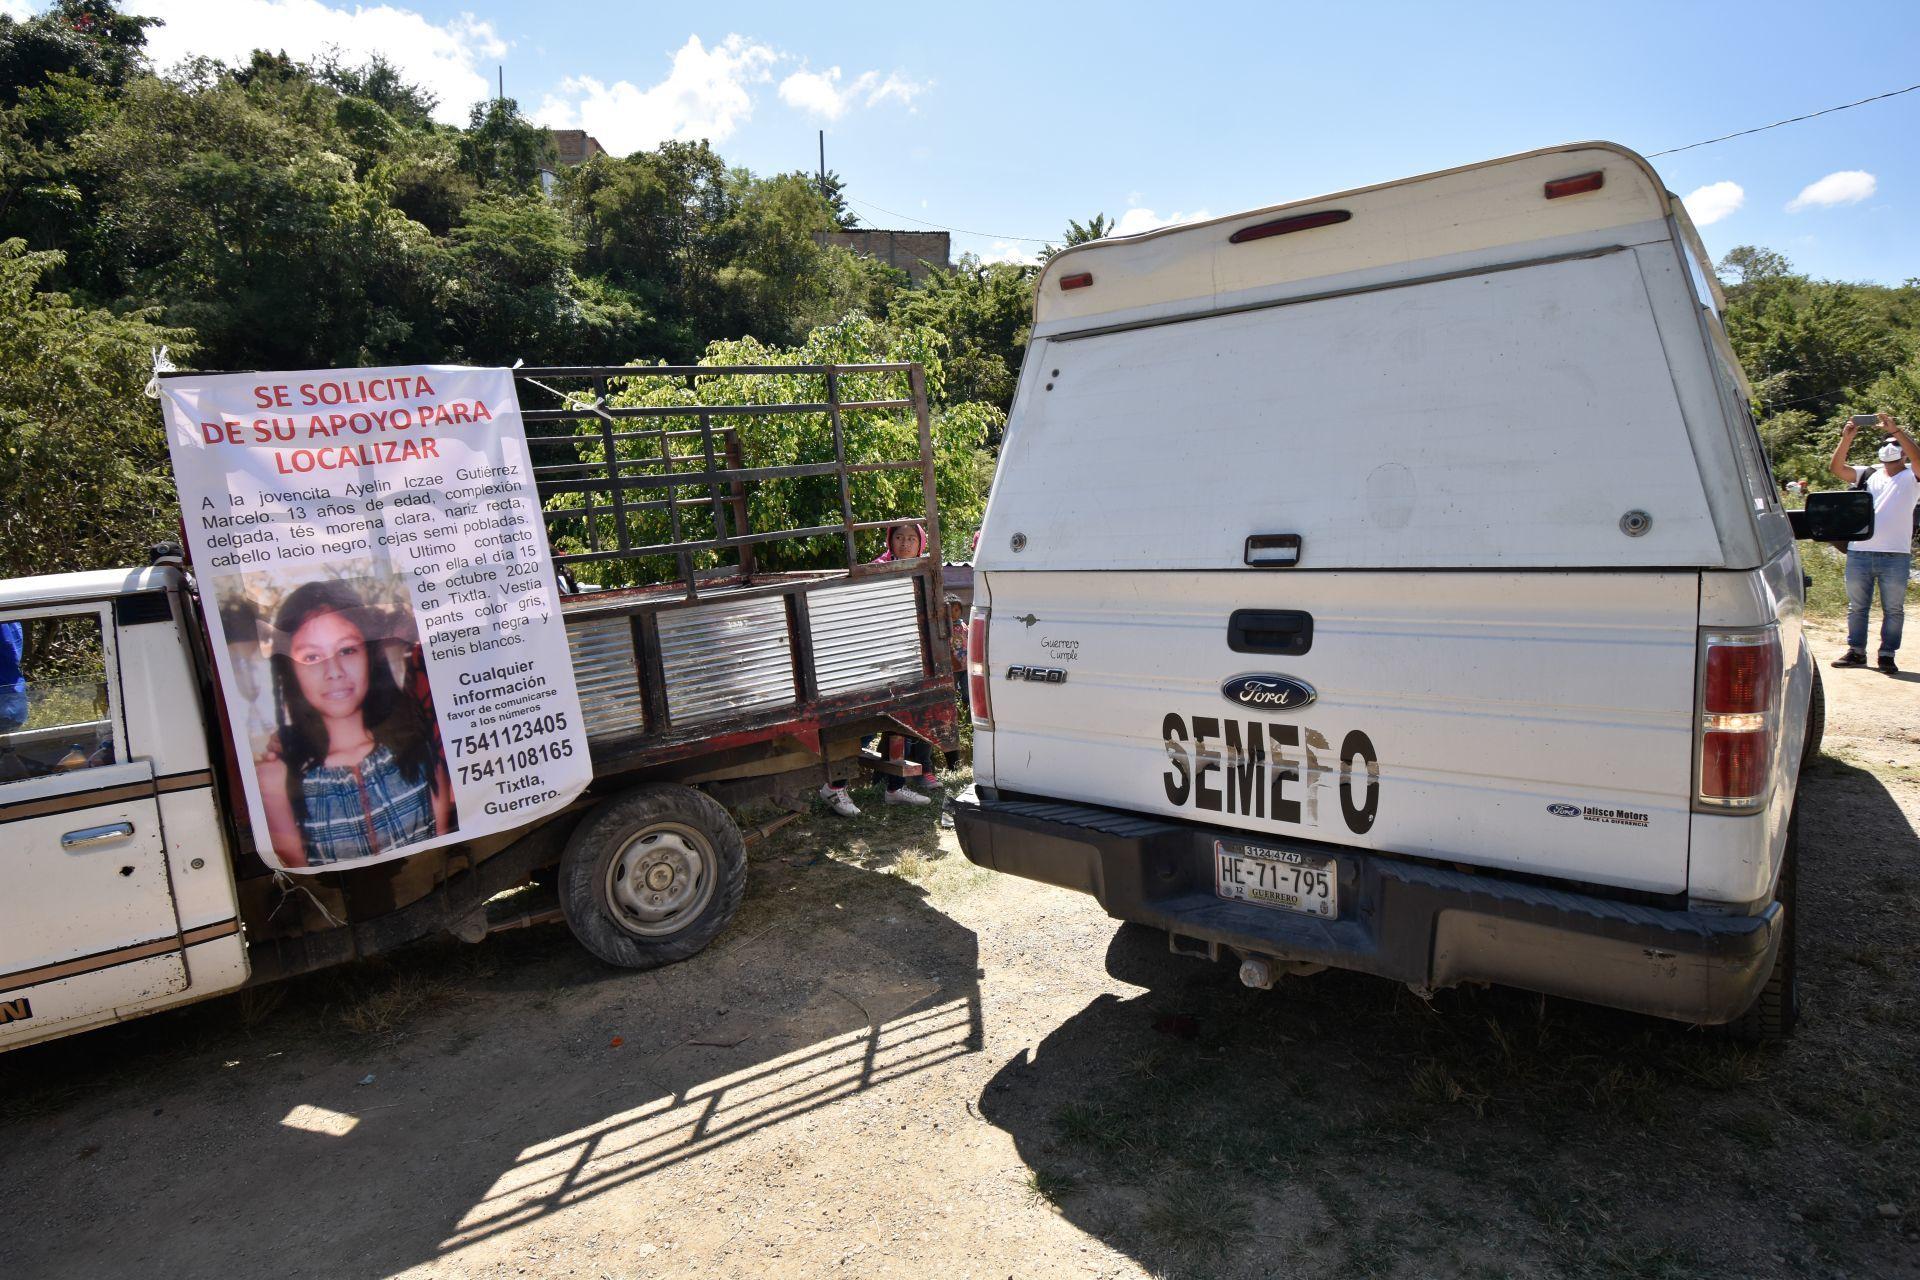 Sin vida y mutilada en una barranca de la colonia 6 de noviembre, localizan el cuerpo de Ayelin Iczae Gutiérrez Marcelo, de 13 años, quien desapareció el pasado jueves 15 de octubre en la cabecera municipal de Tixtla, ubicada a menos de 15 kilómetros de la capital del estado de Guerrero.